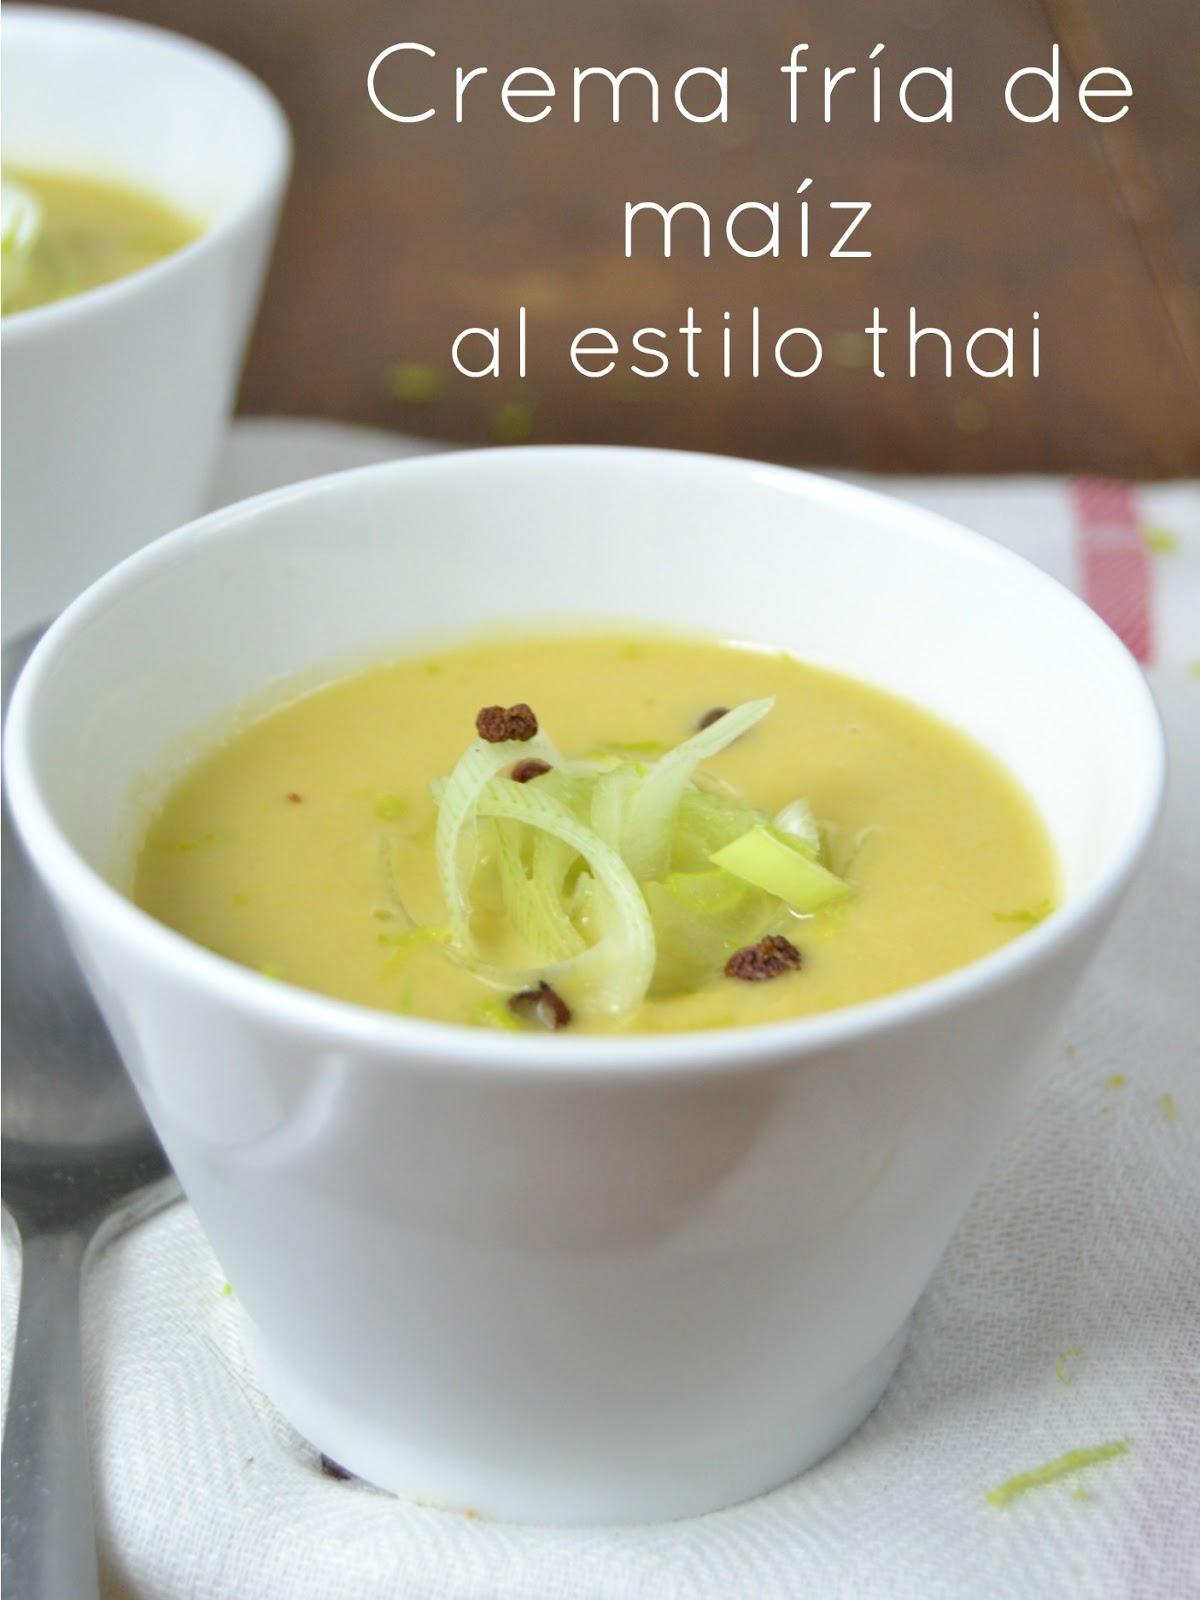 Crema fría de maíz al estilo thai | Cuuking! Recetas de cocina